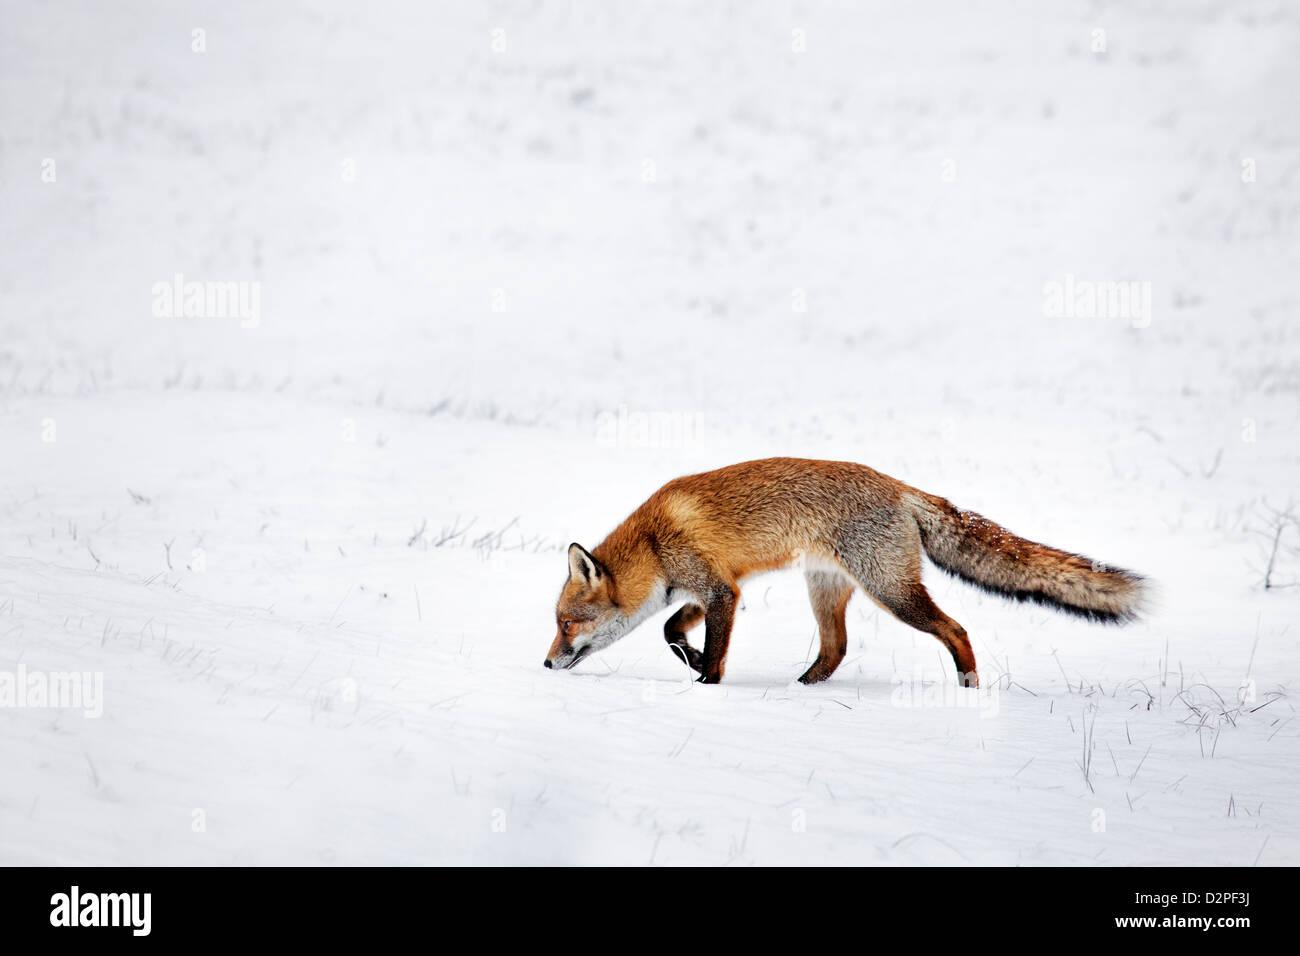 La chasse le renard roux (Vulpes vulpes) à la suite de l'odeur par sentier des proies dans les prairies couvertes de neige en hiver Banque D'Images